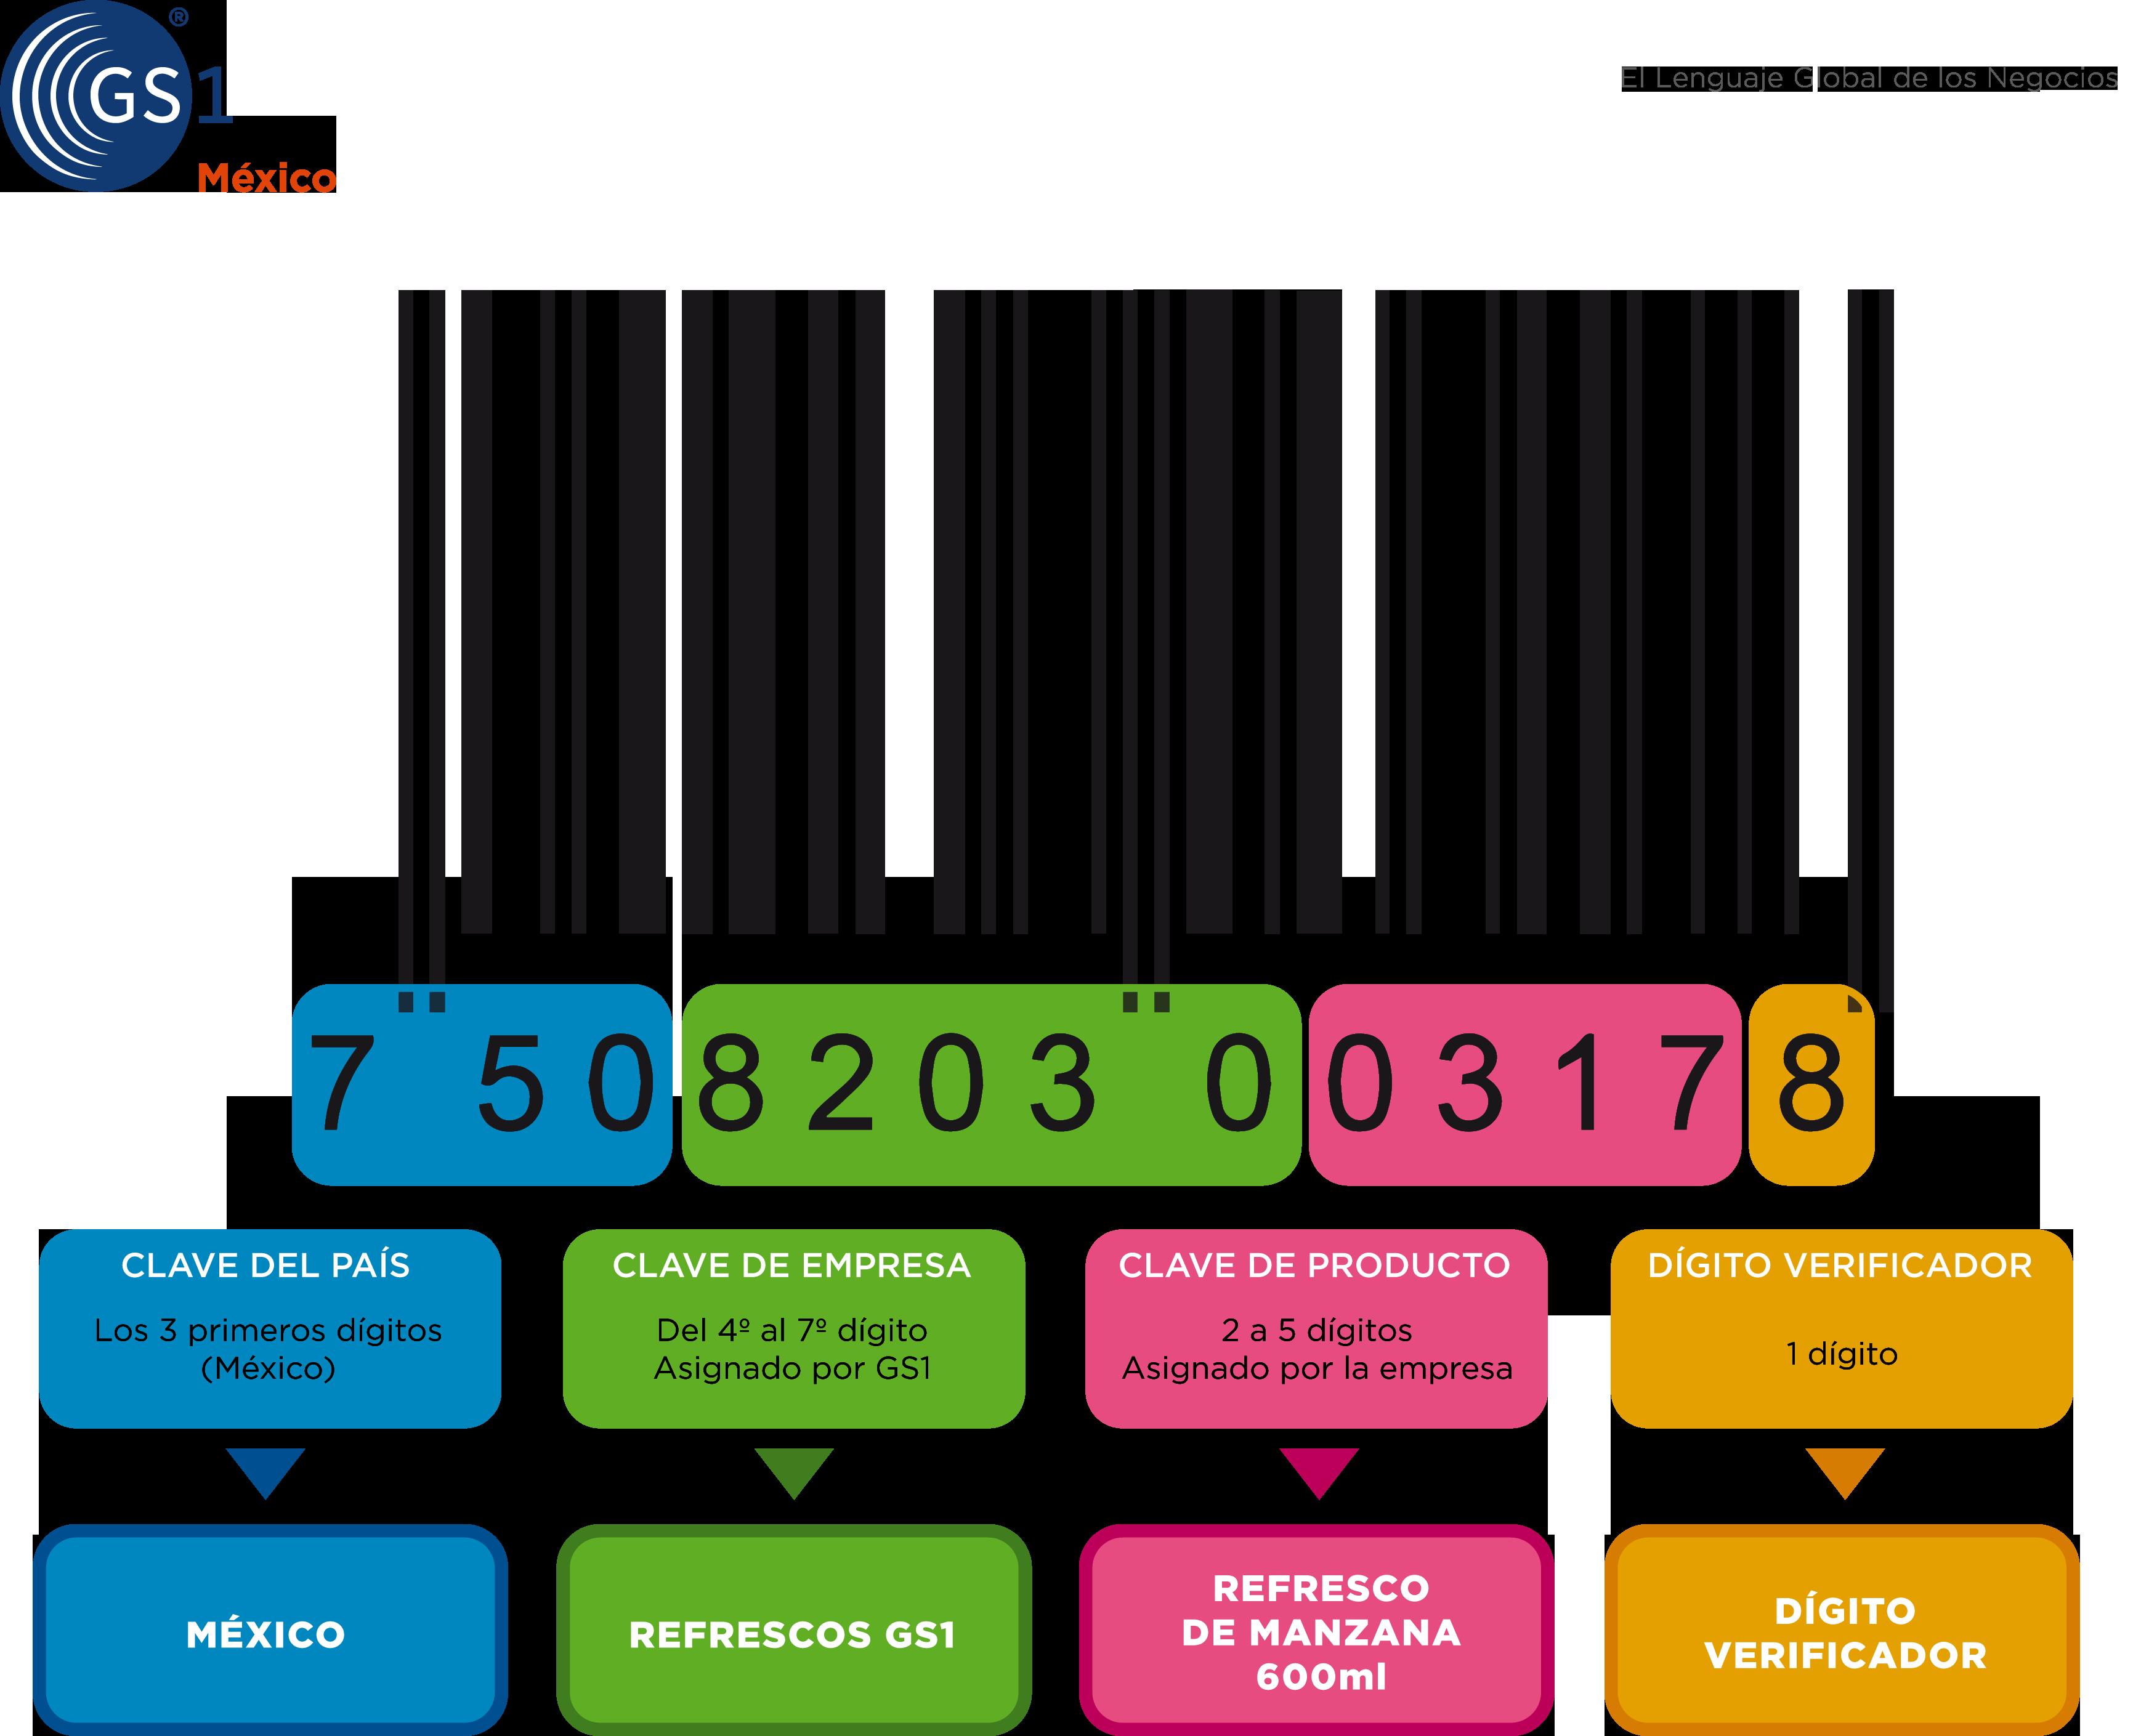 Estructura del Código de Barras